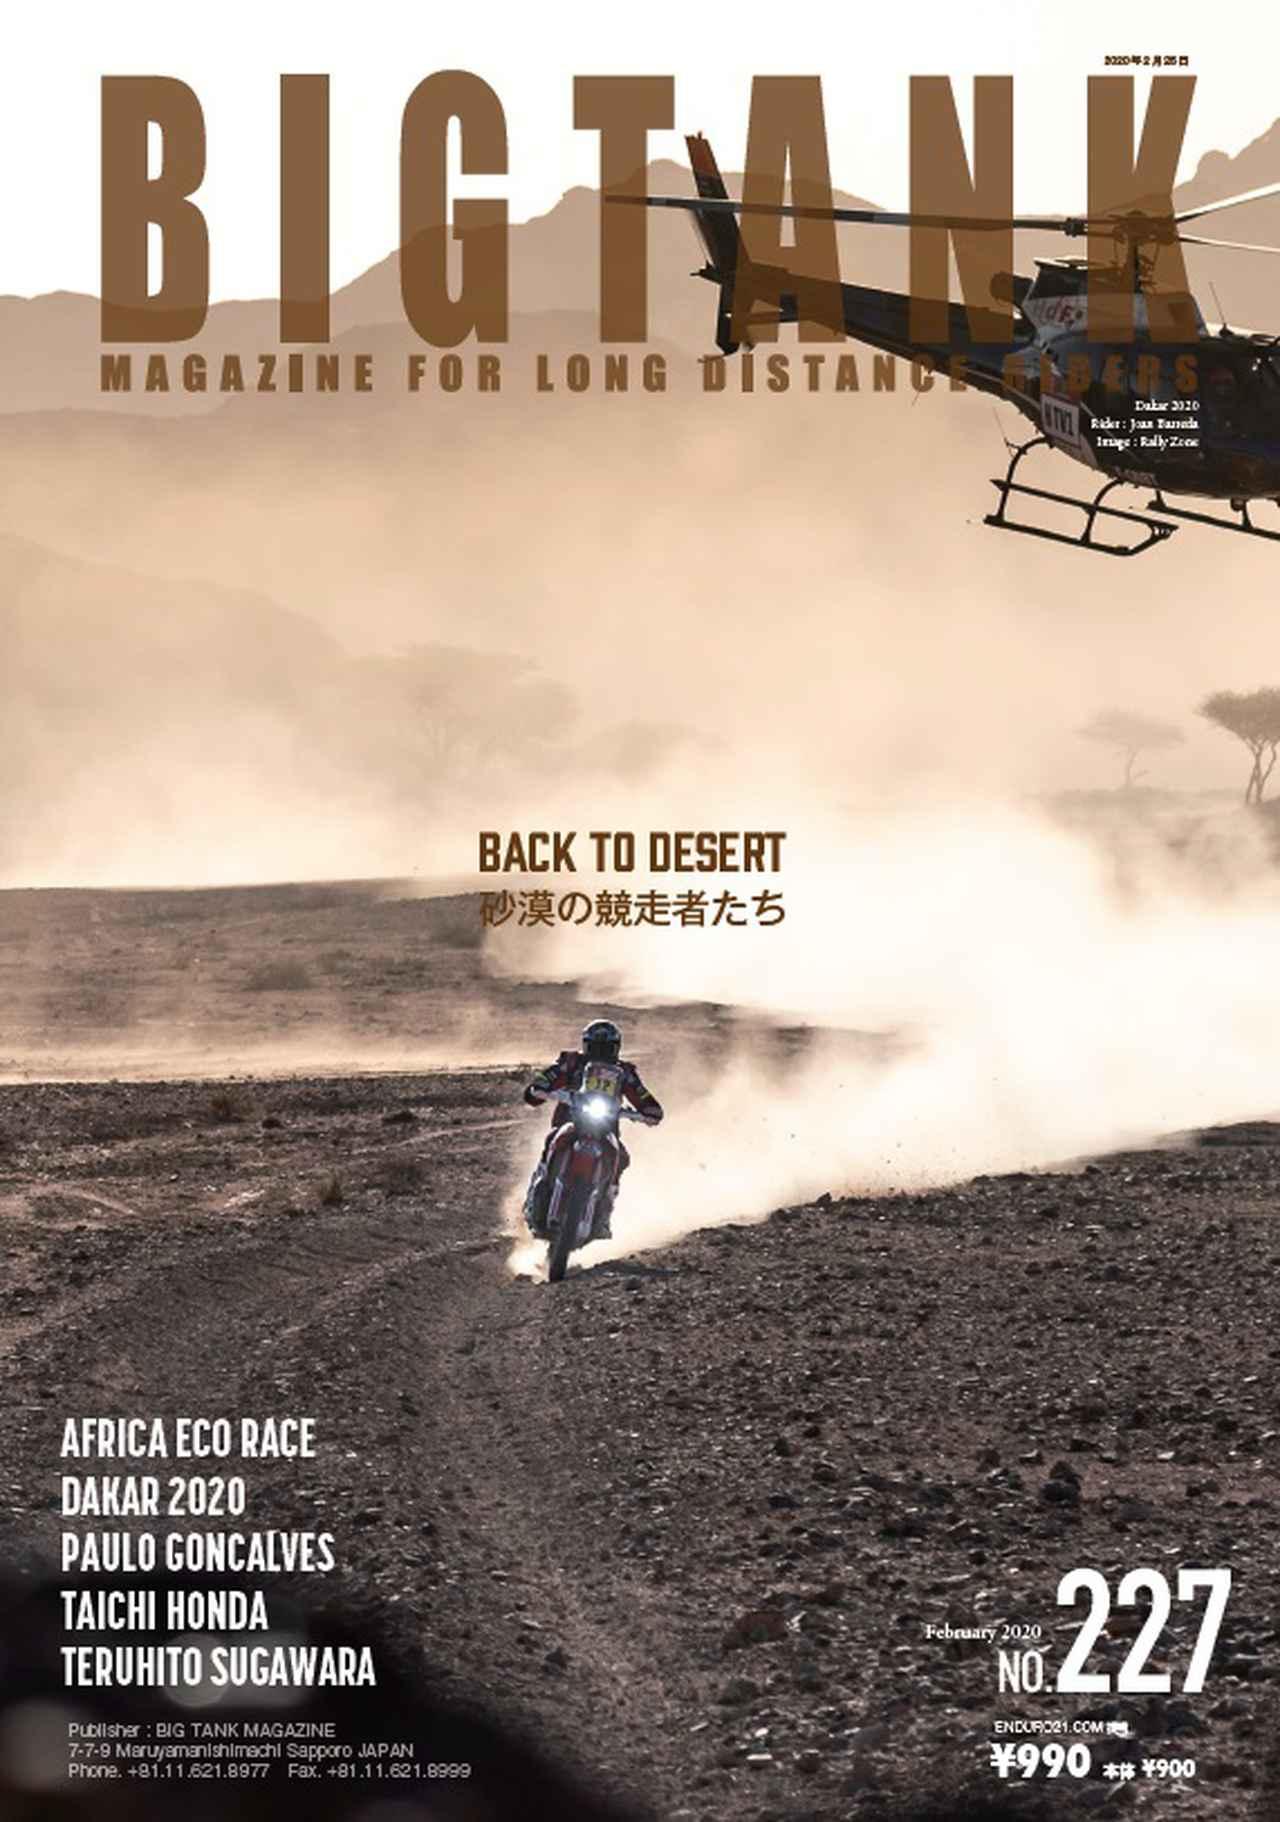 画像: BIGTANK No.227 - ビッグタンクオンラインショップ 「ダカール第三章 = 菅原照仁」 「アフリカエコレース =菅原義正の新たな挑戦」